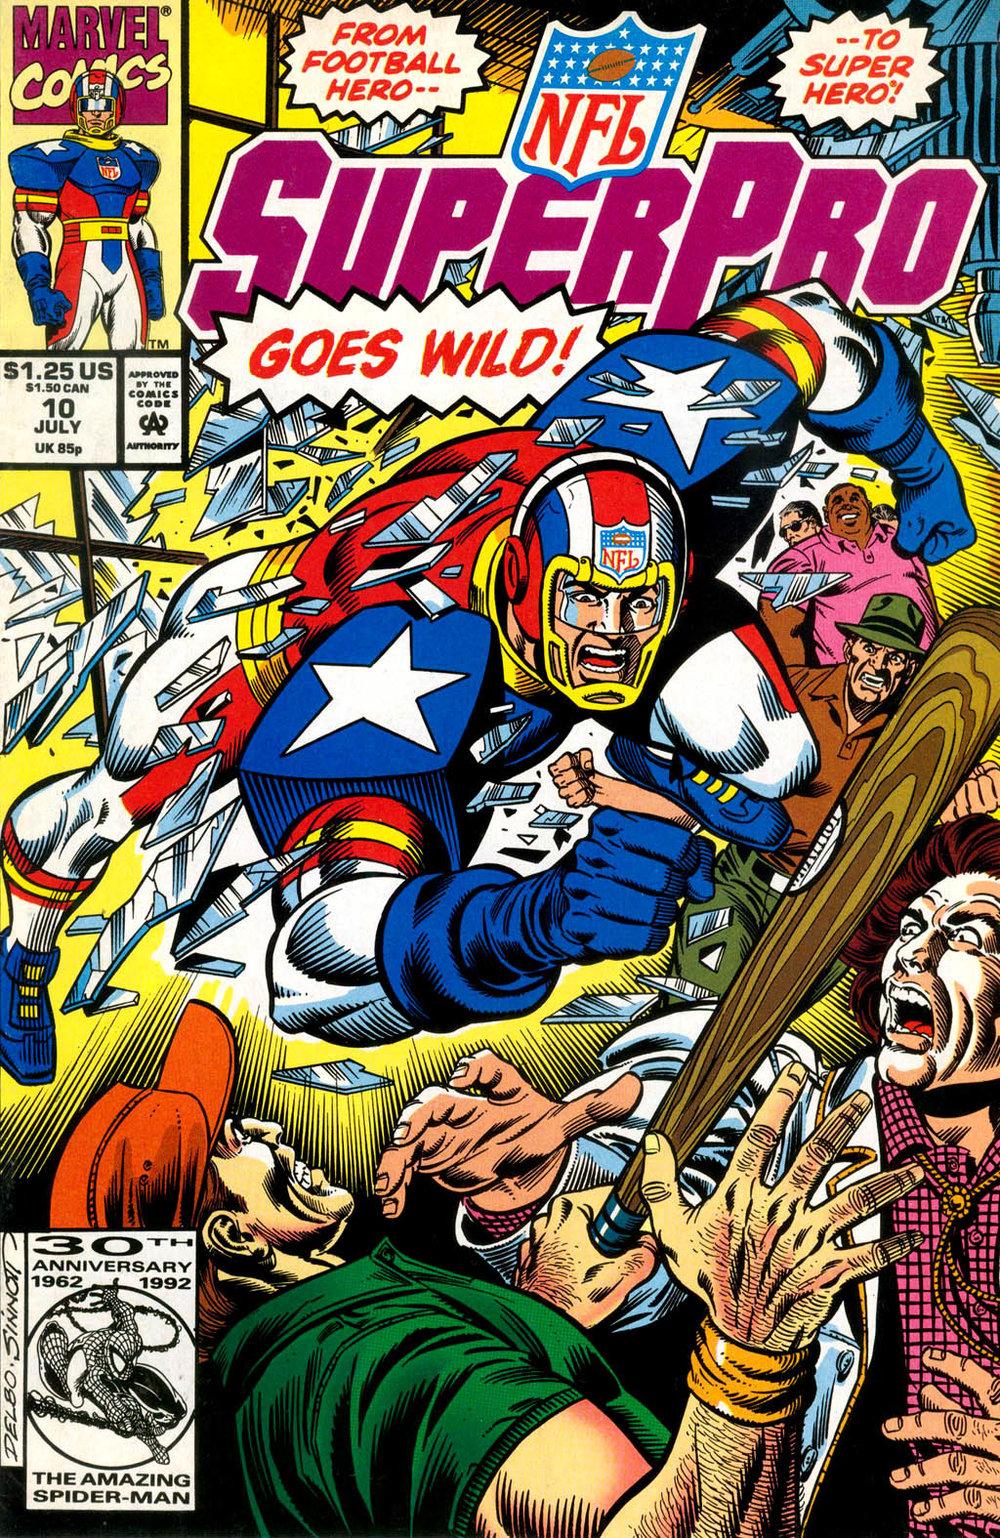 NFL SuperPro (1991) #10, cover penciled by Jose Delbo & inked by Joe Sinnott.